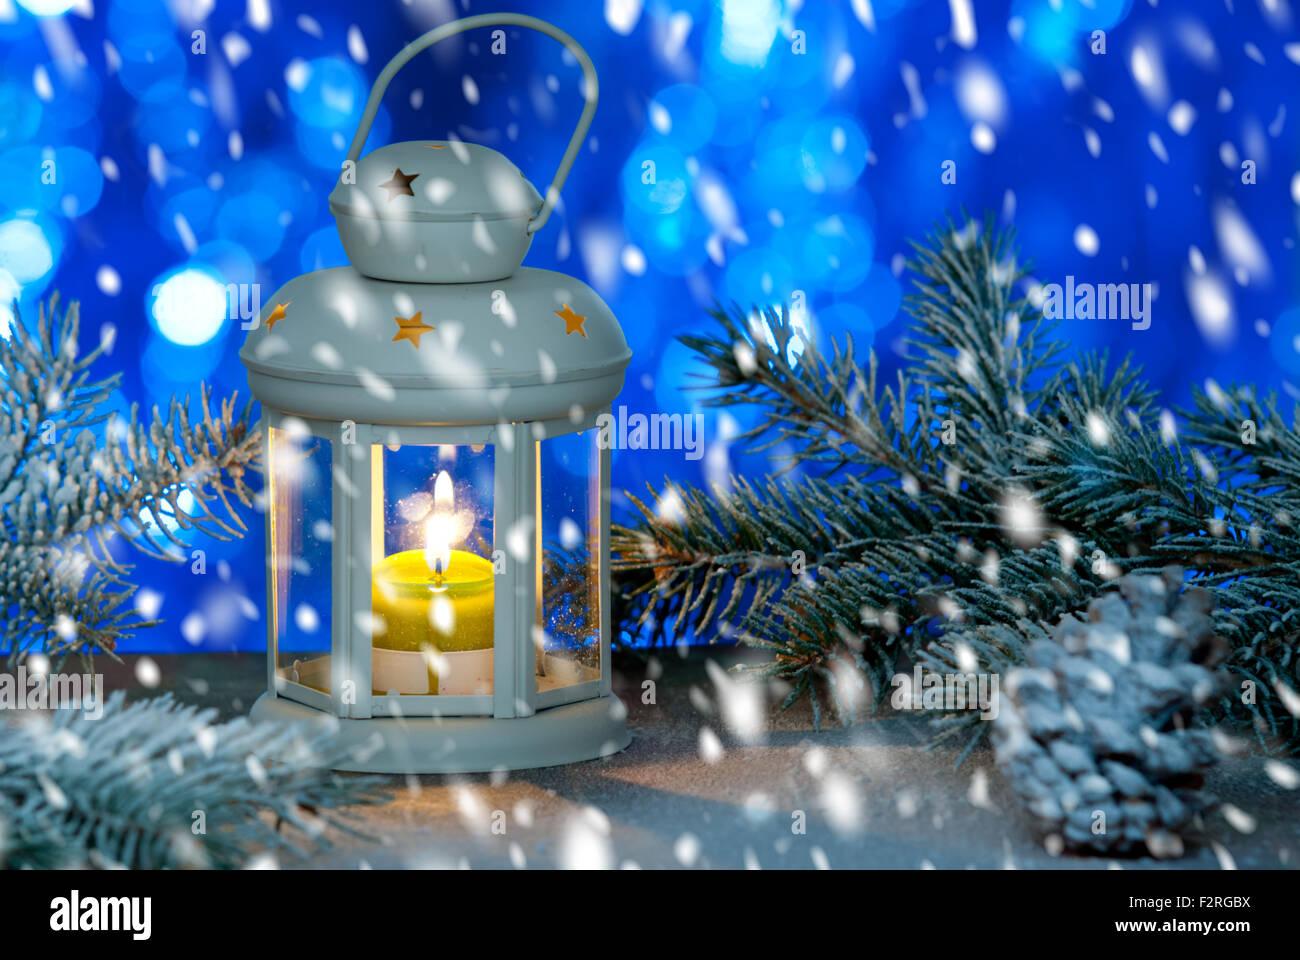 Stillleben mit Laterne Weihnachten mit Schnee Stockbild